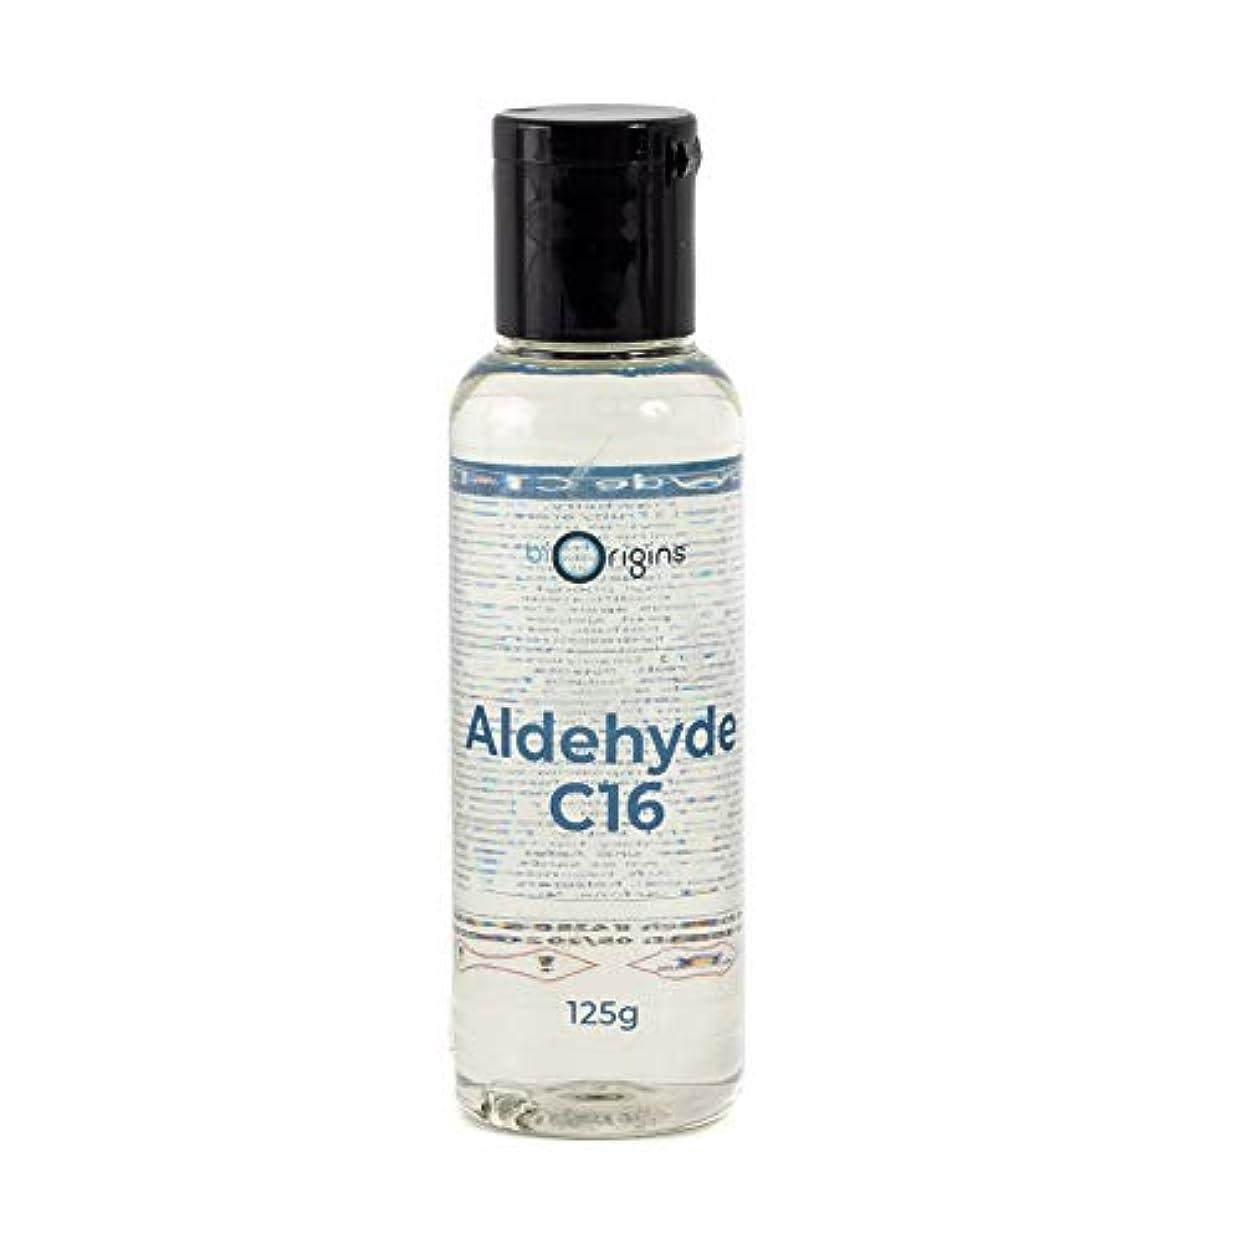 干渉の首Mystic Moments | Aldehyde C16 (Ethyl Methyl Phenyl Glycidate) - 250g